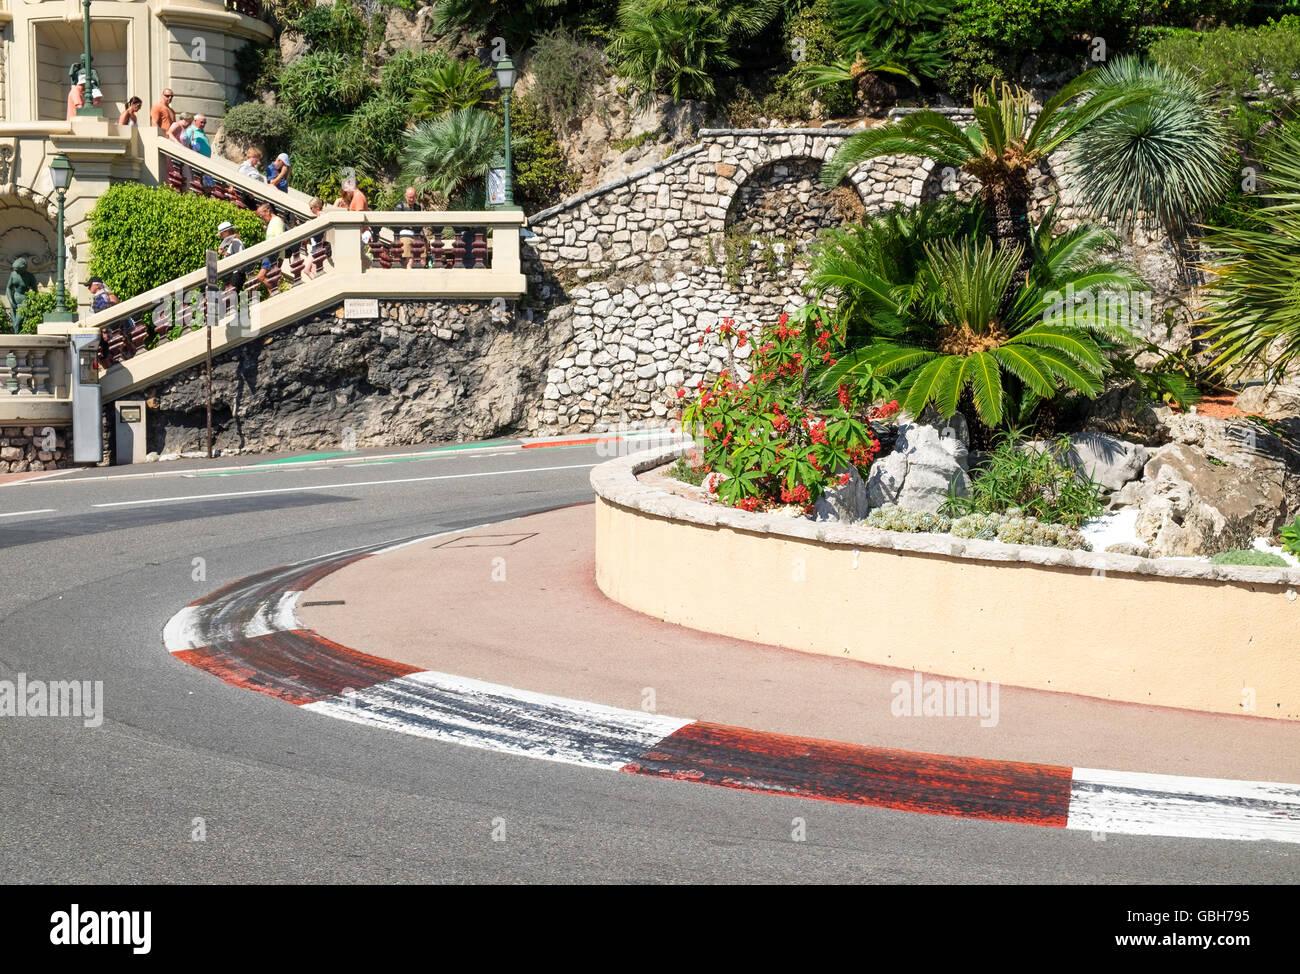 Der berühmte Fairmont kehre auf der Formel 1 Grand Prix Strecke in Monte Carlo, Monaco Stockbild